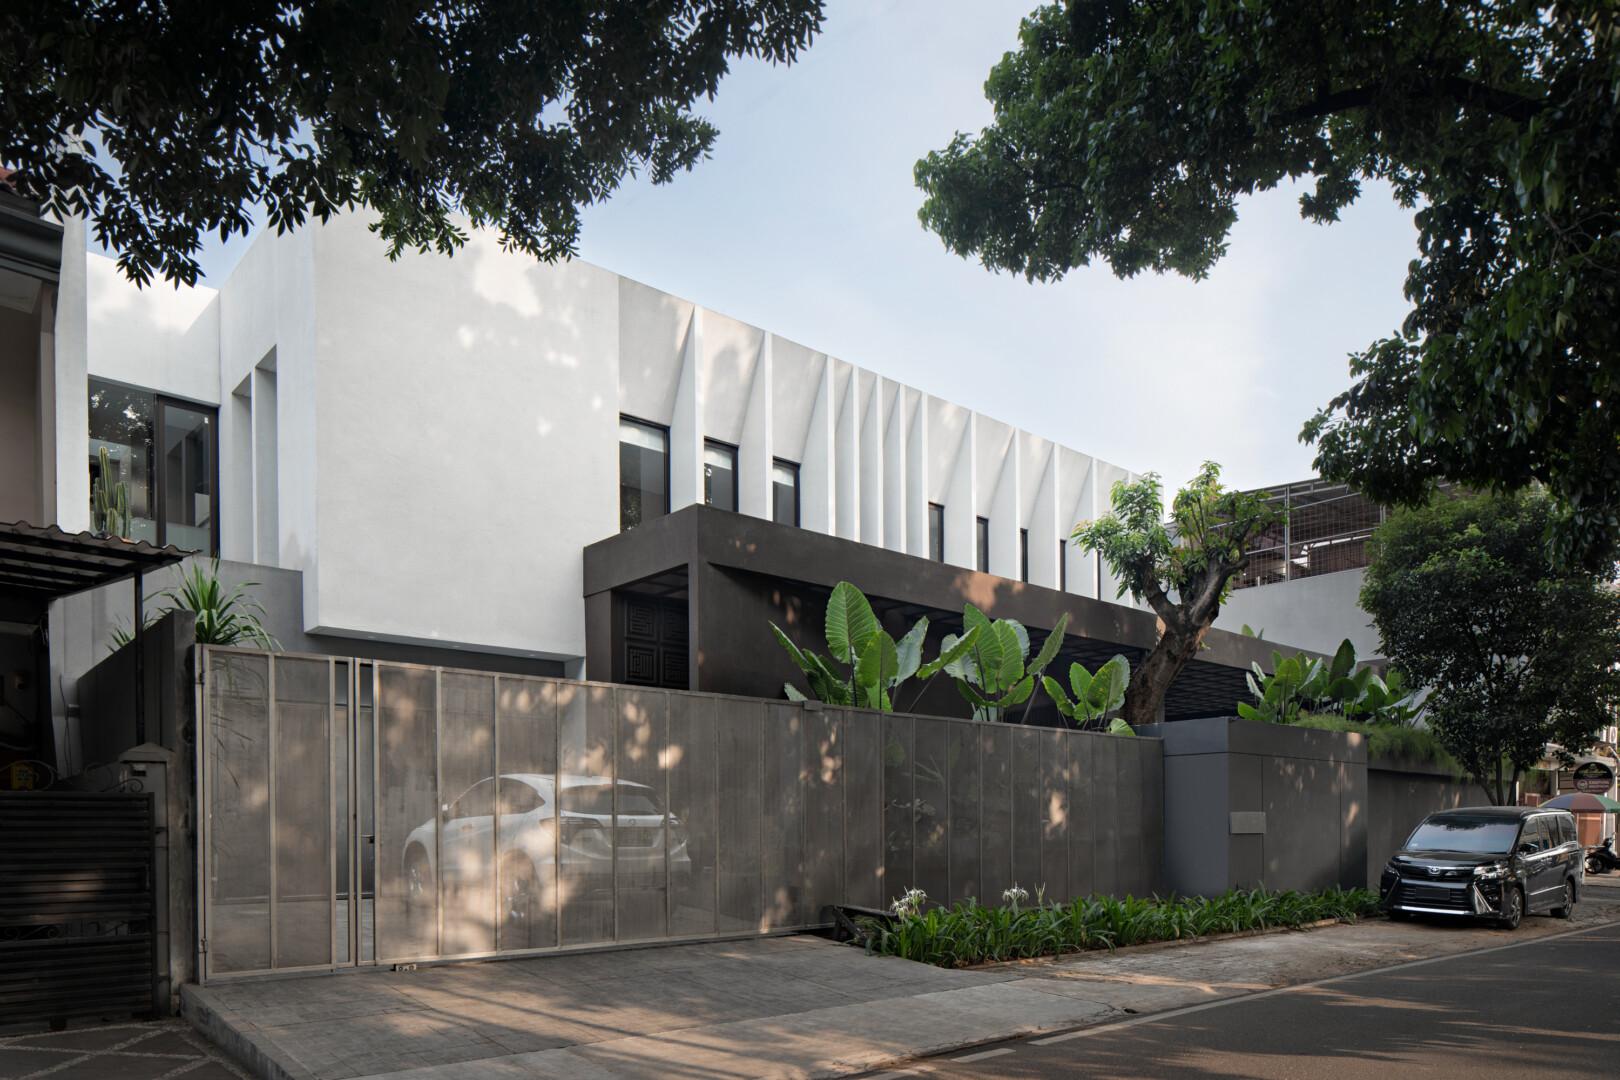 Rumah RifBagus - Image 2